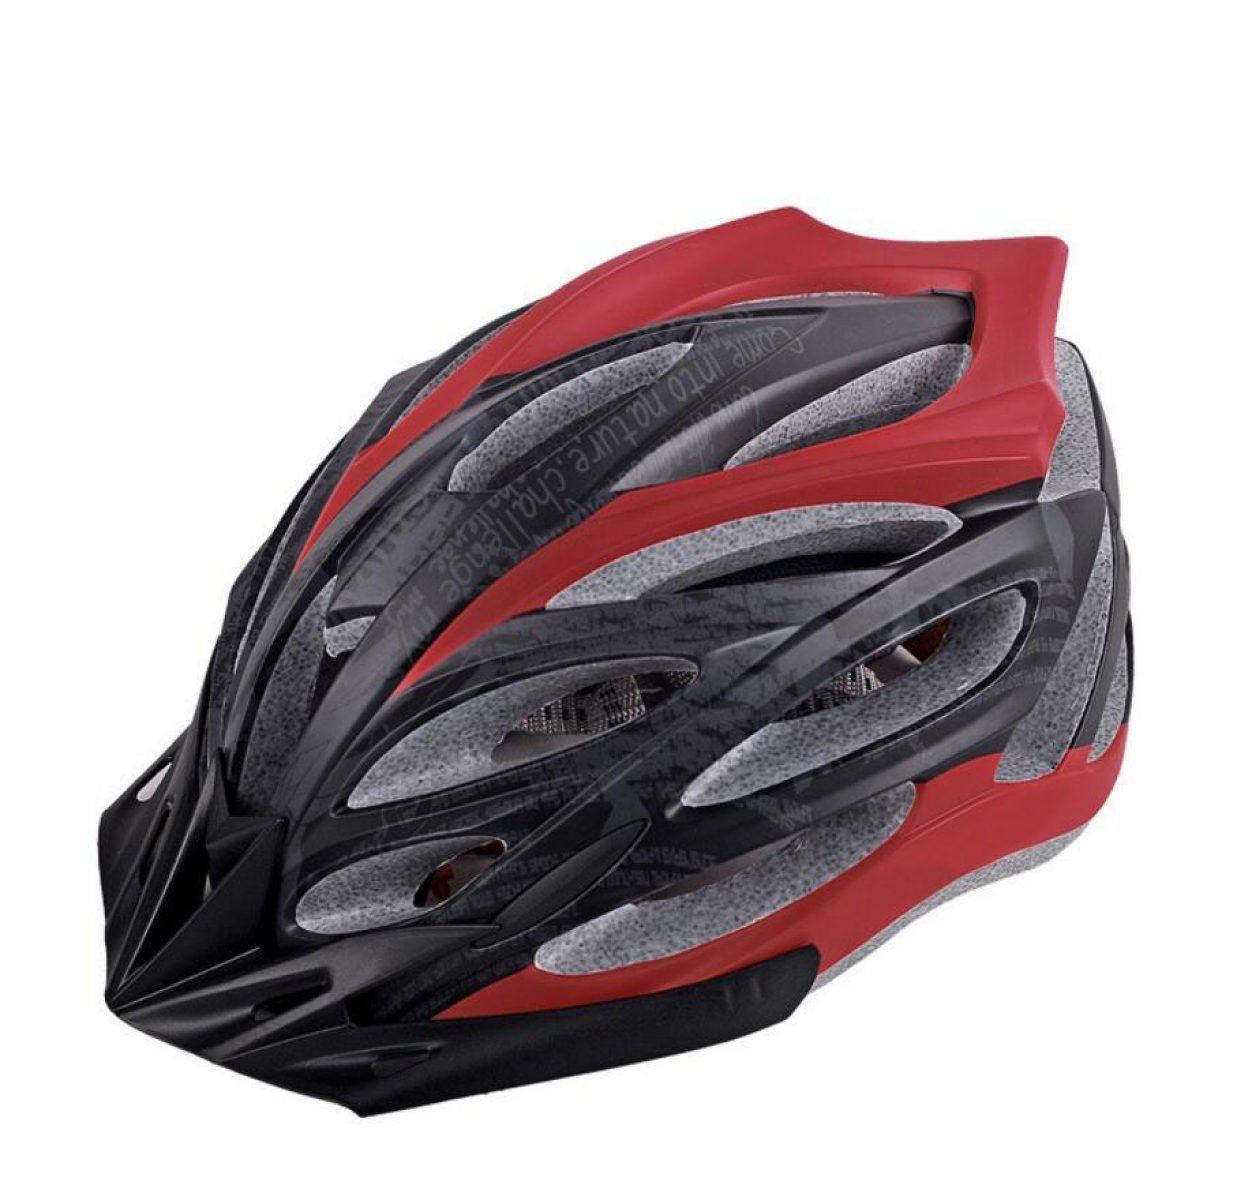 TERMV Scrub Einteiliges Fahrrad Reithelm Autobahn Berg Sport Schutzausrüstung,ROT